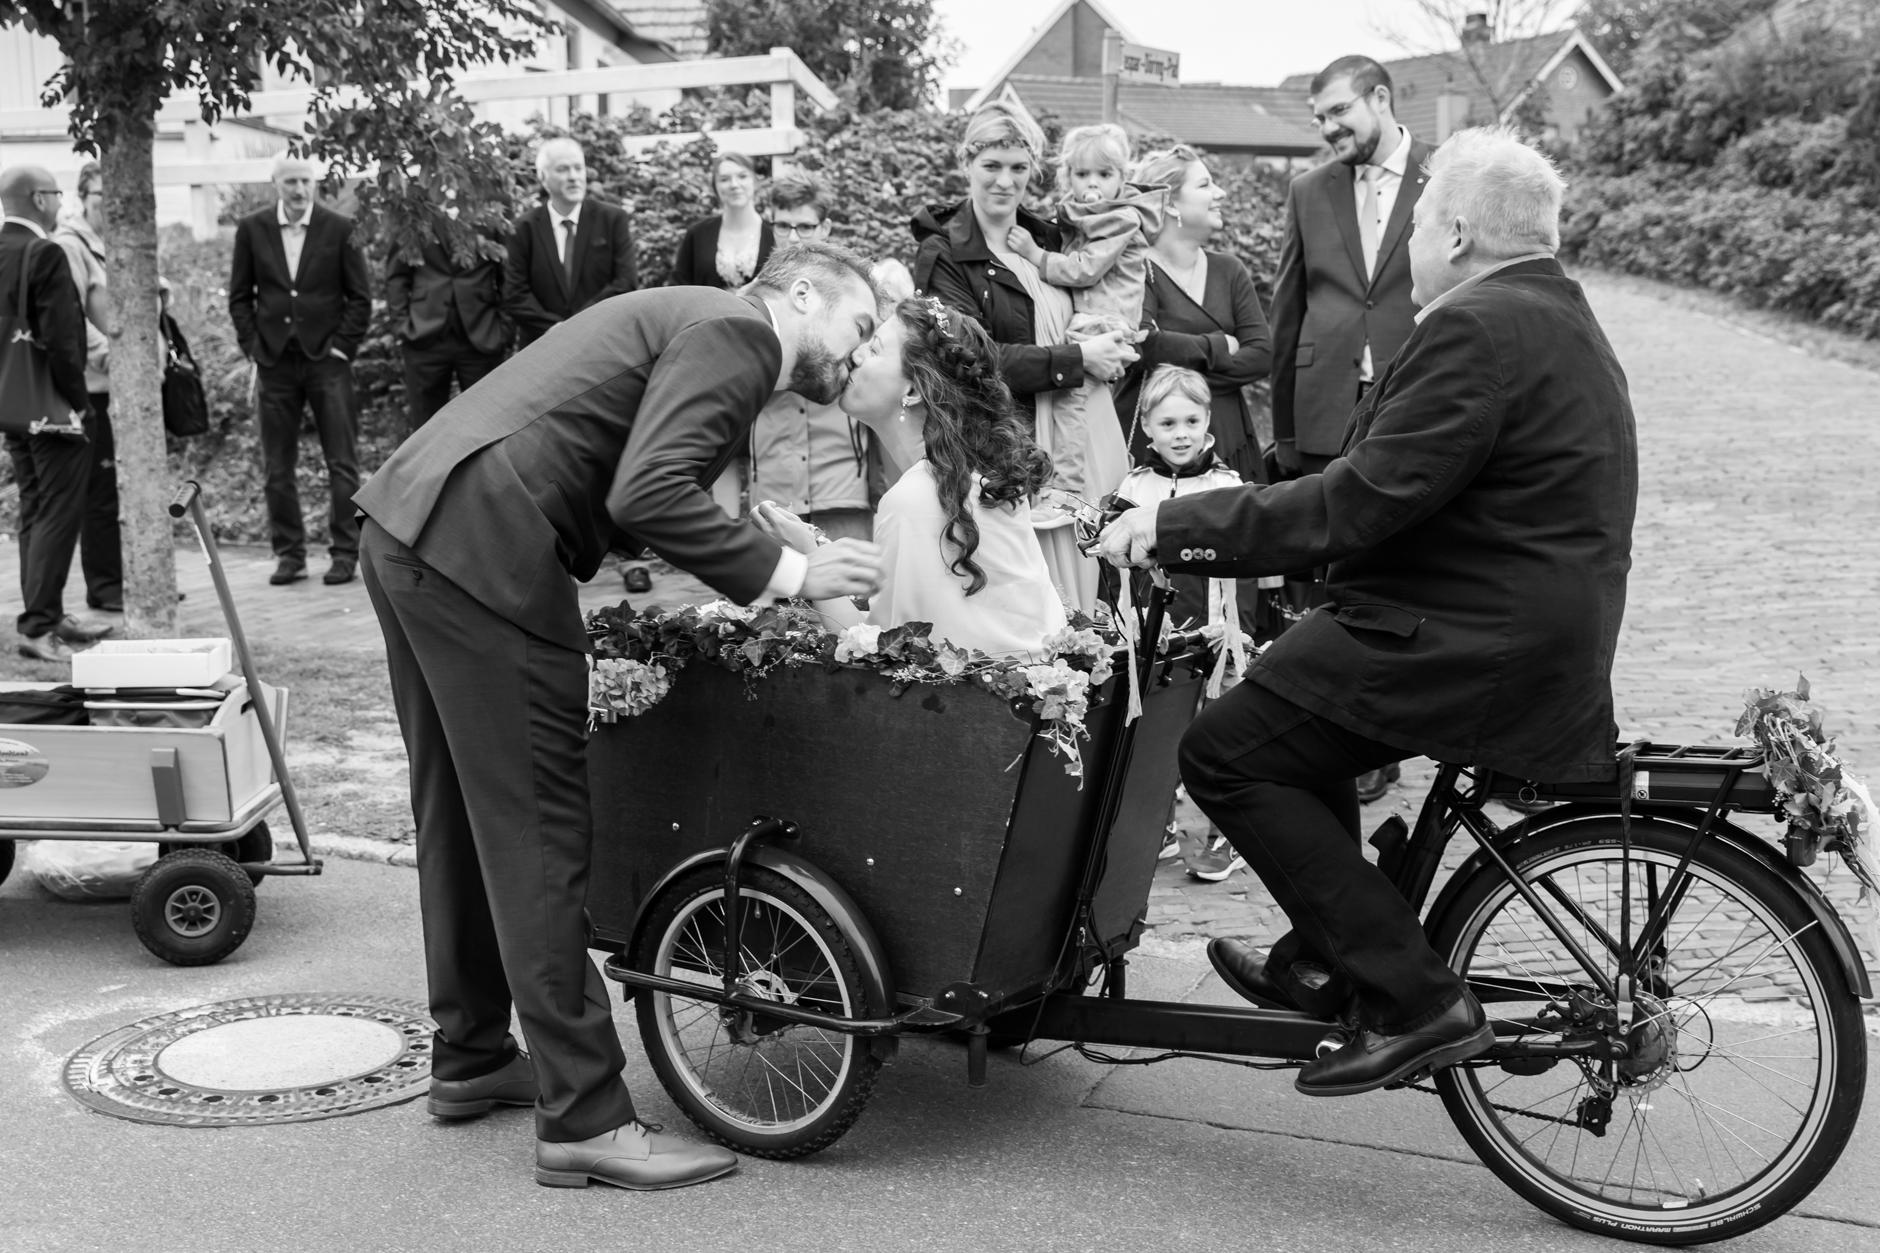 Wir erzählen die Geschichte Eurer Hochzeit - hier auf Langeoog